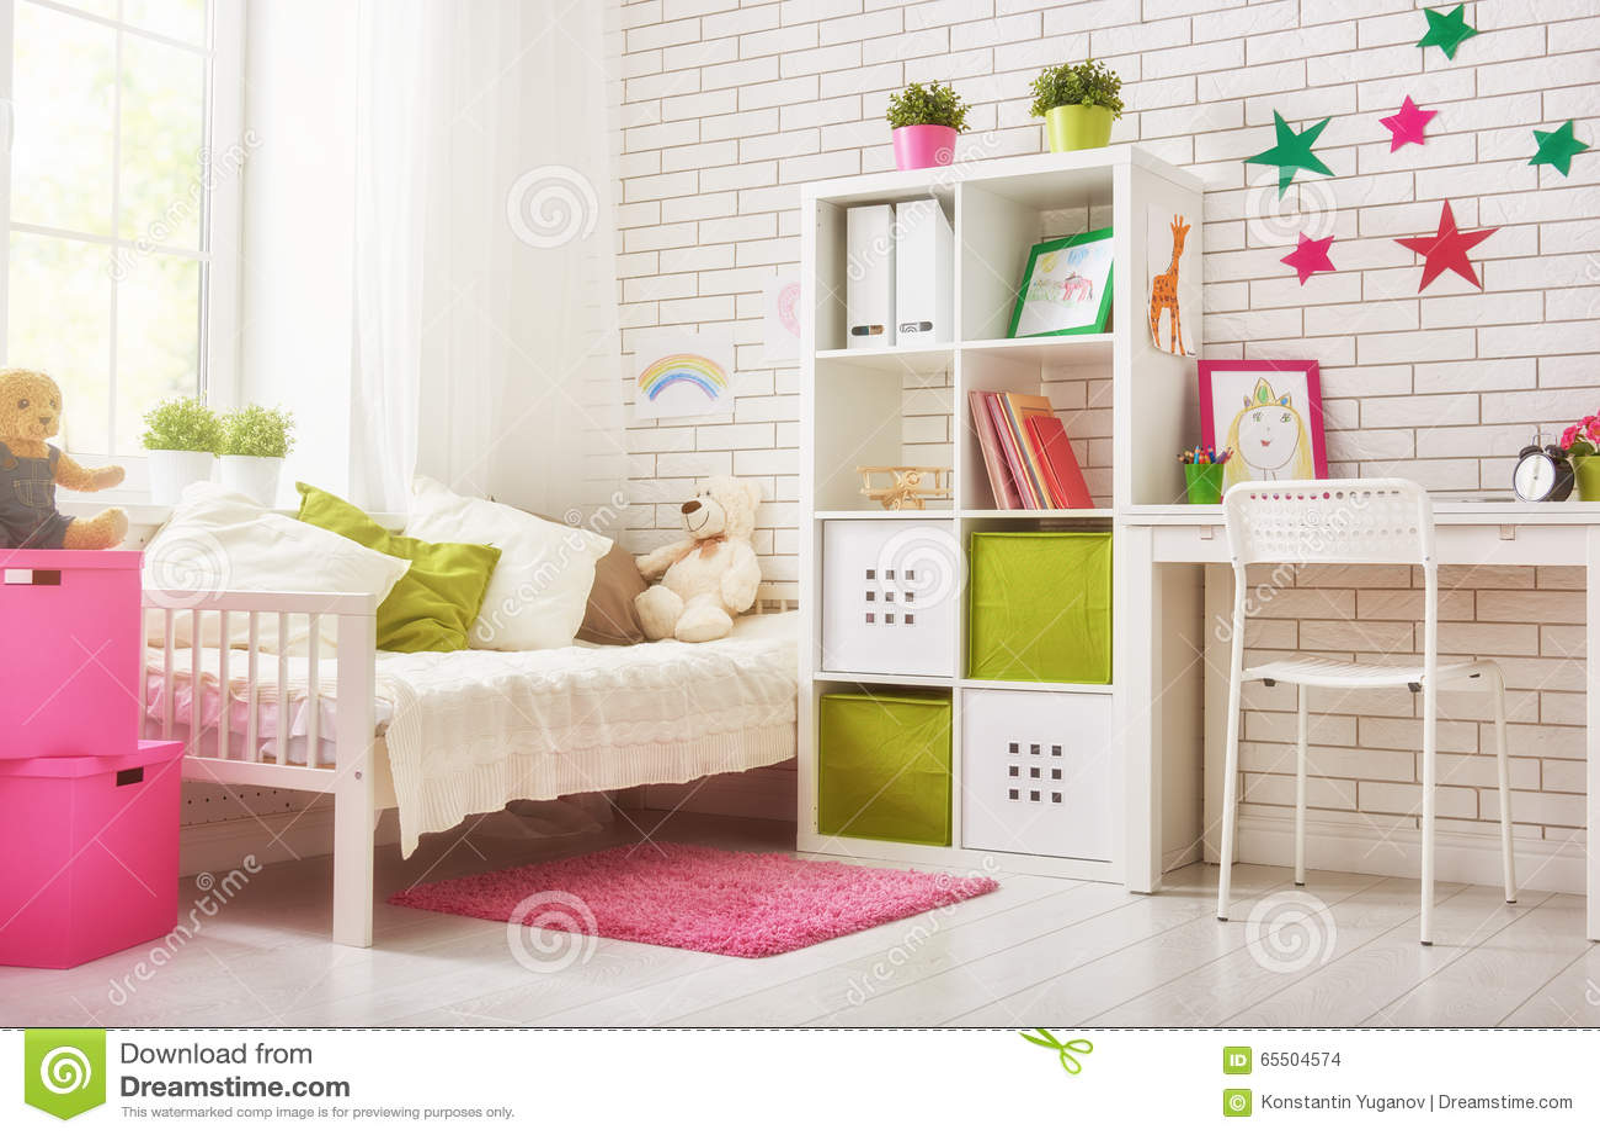 chambre à coucher pour la fille d'enfant photo stock - image du